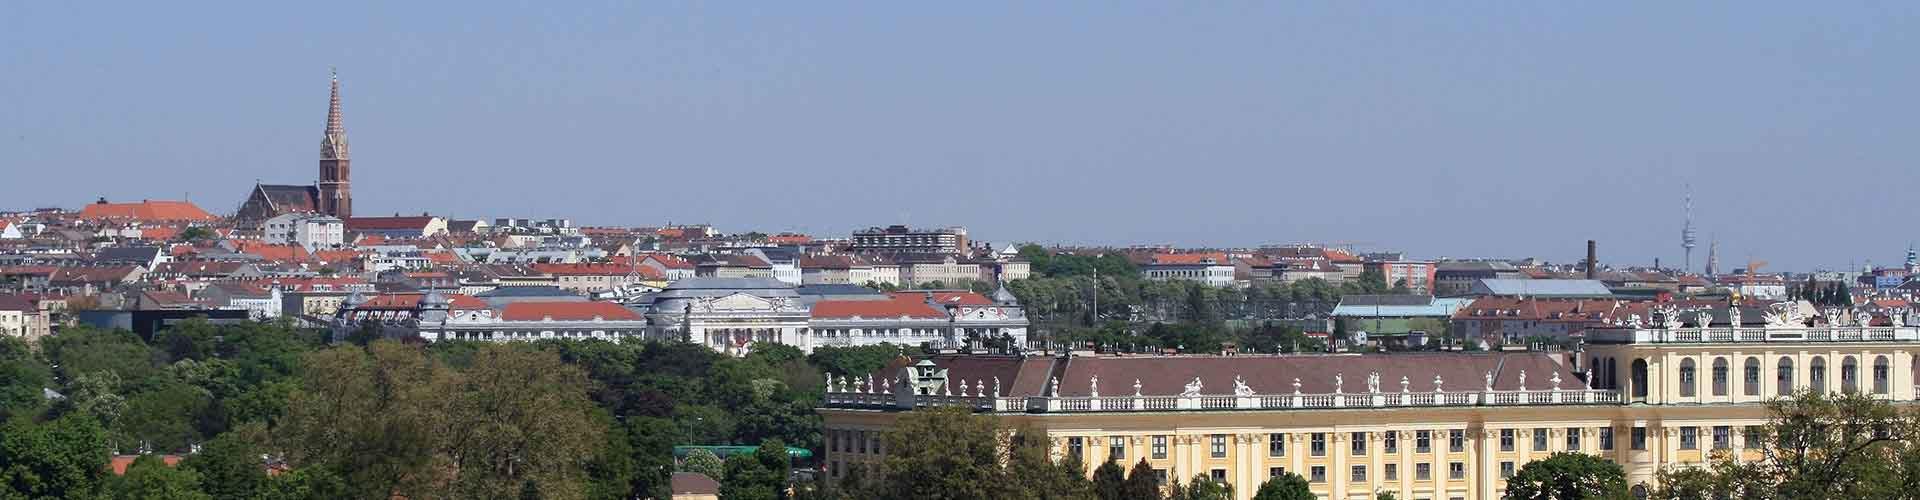 Wien - Jugendherbergen in Rudolfsheim-Fuenfhaus. Karten für Wien. Fotos und Bewertungen für jede Jugendherberge in Wien.